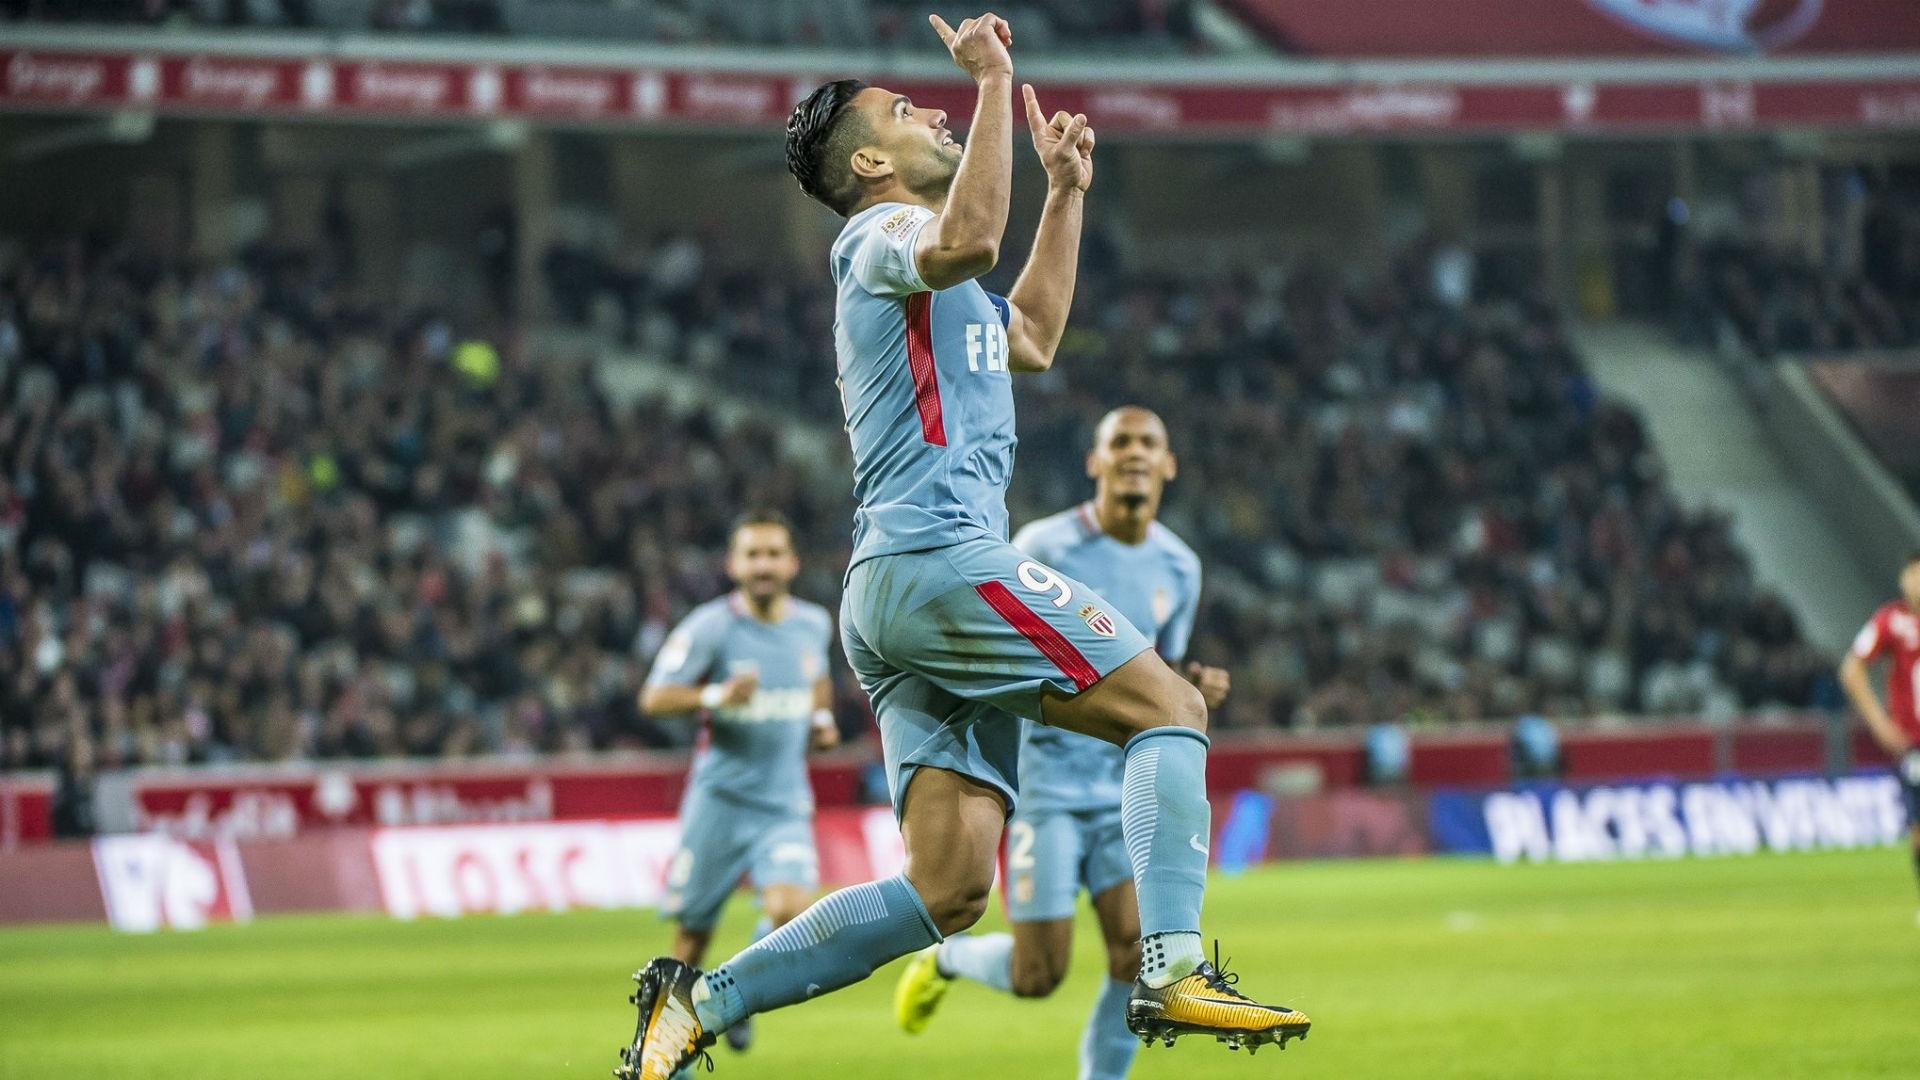 Radamel Falcao (AS Monaco)- Colombia